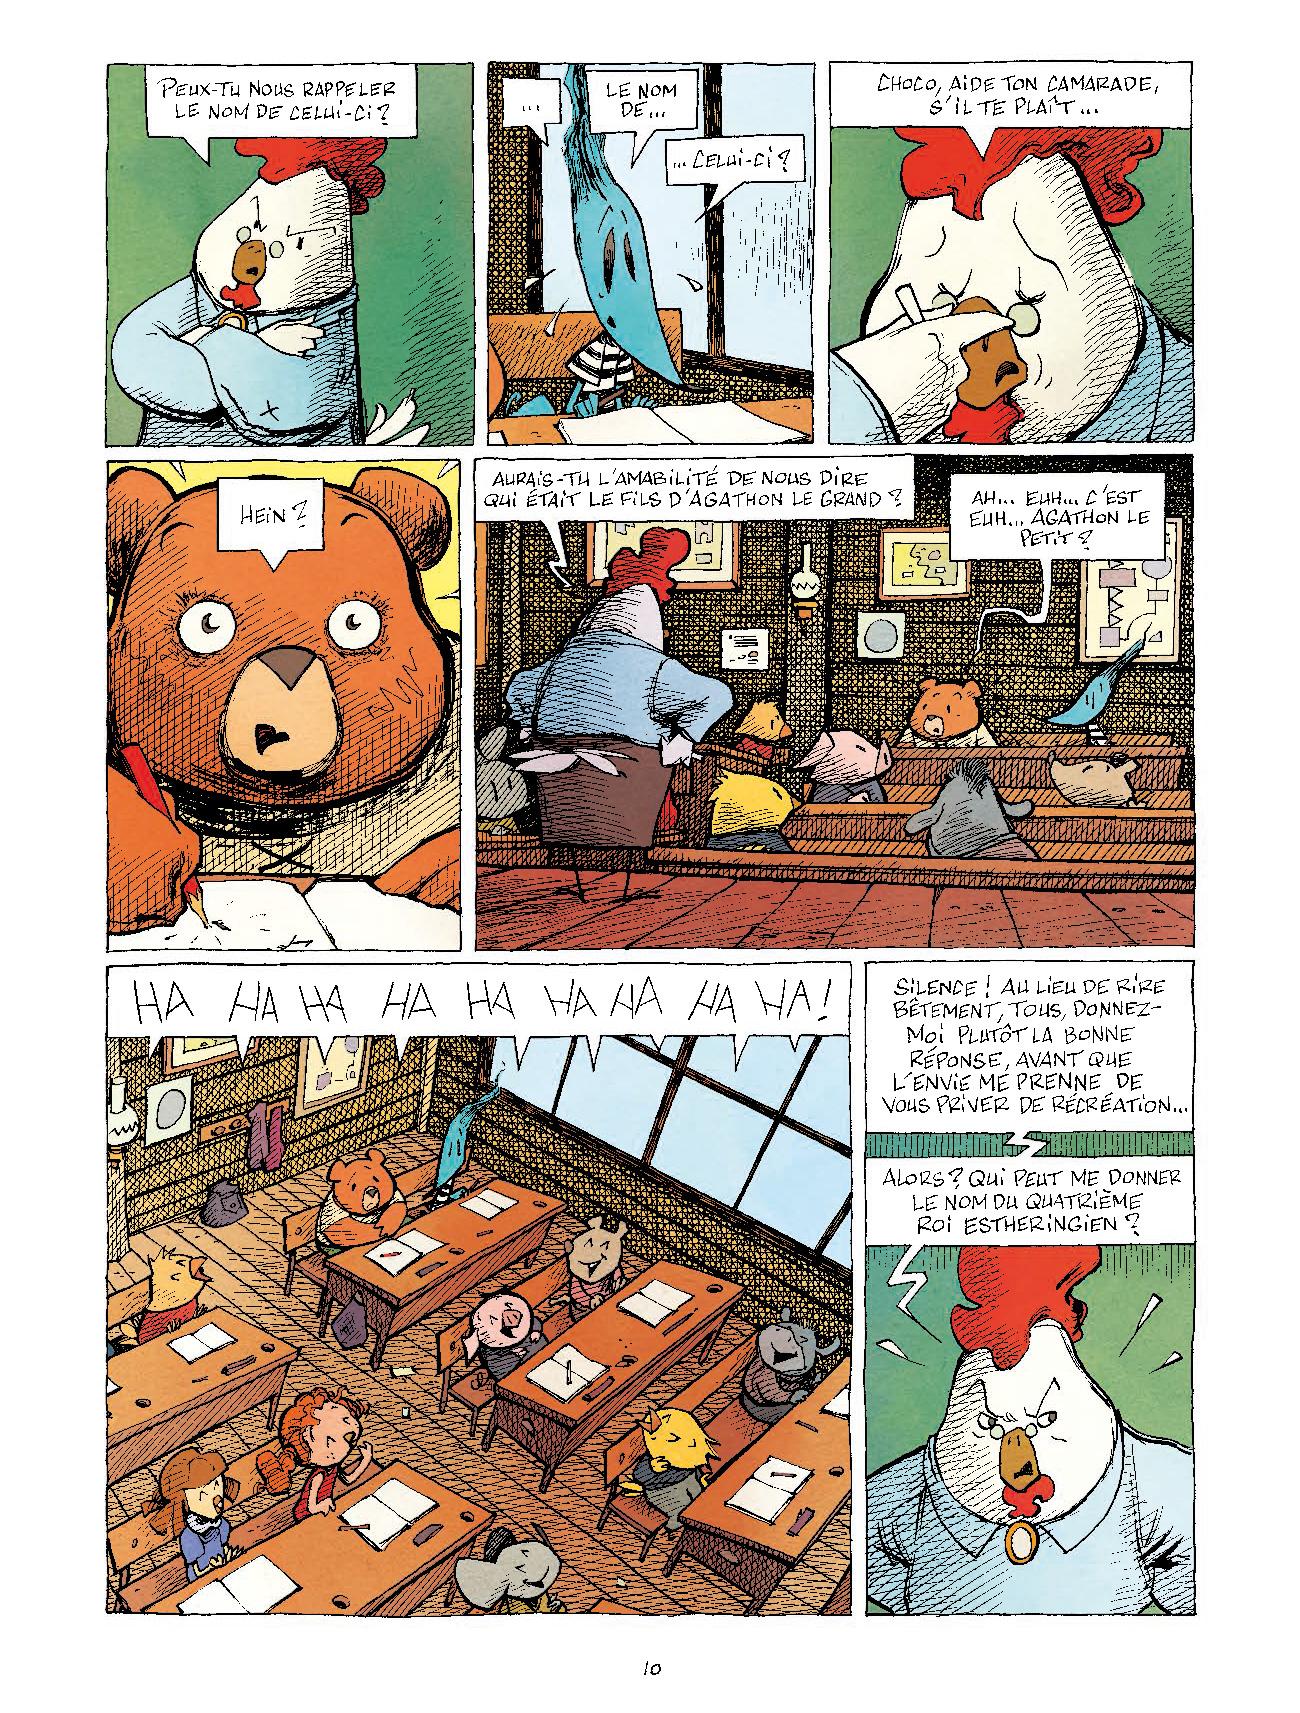 Extrait n°10 par Régis Hautière